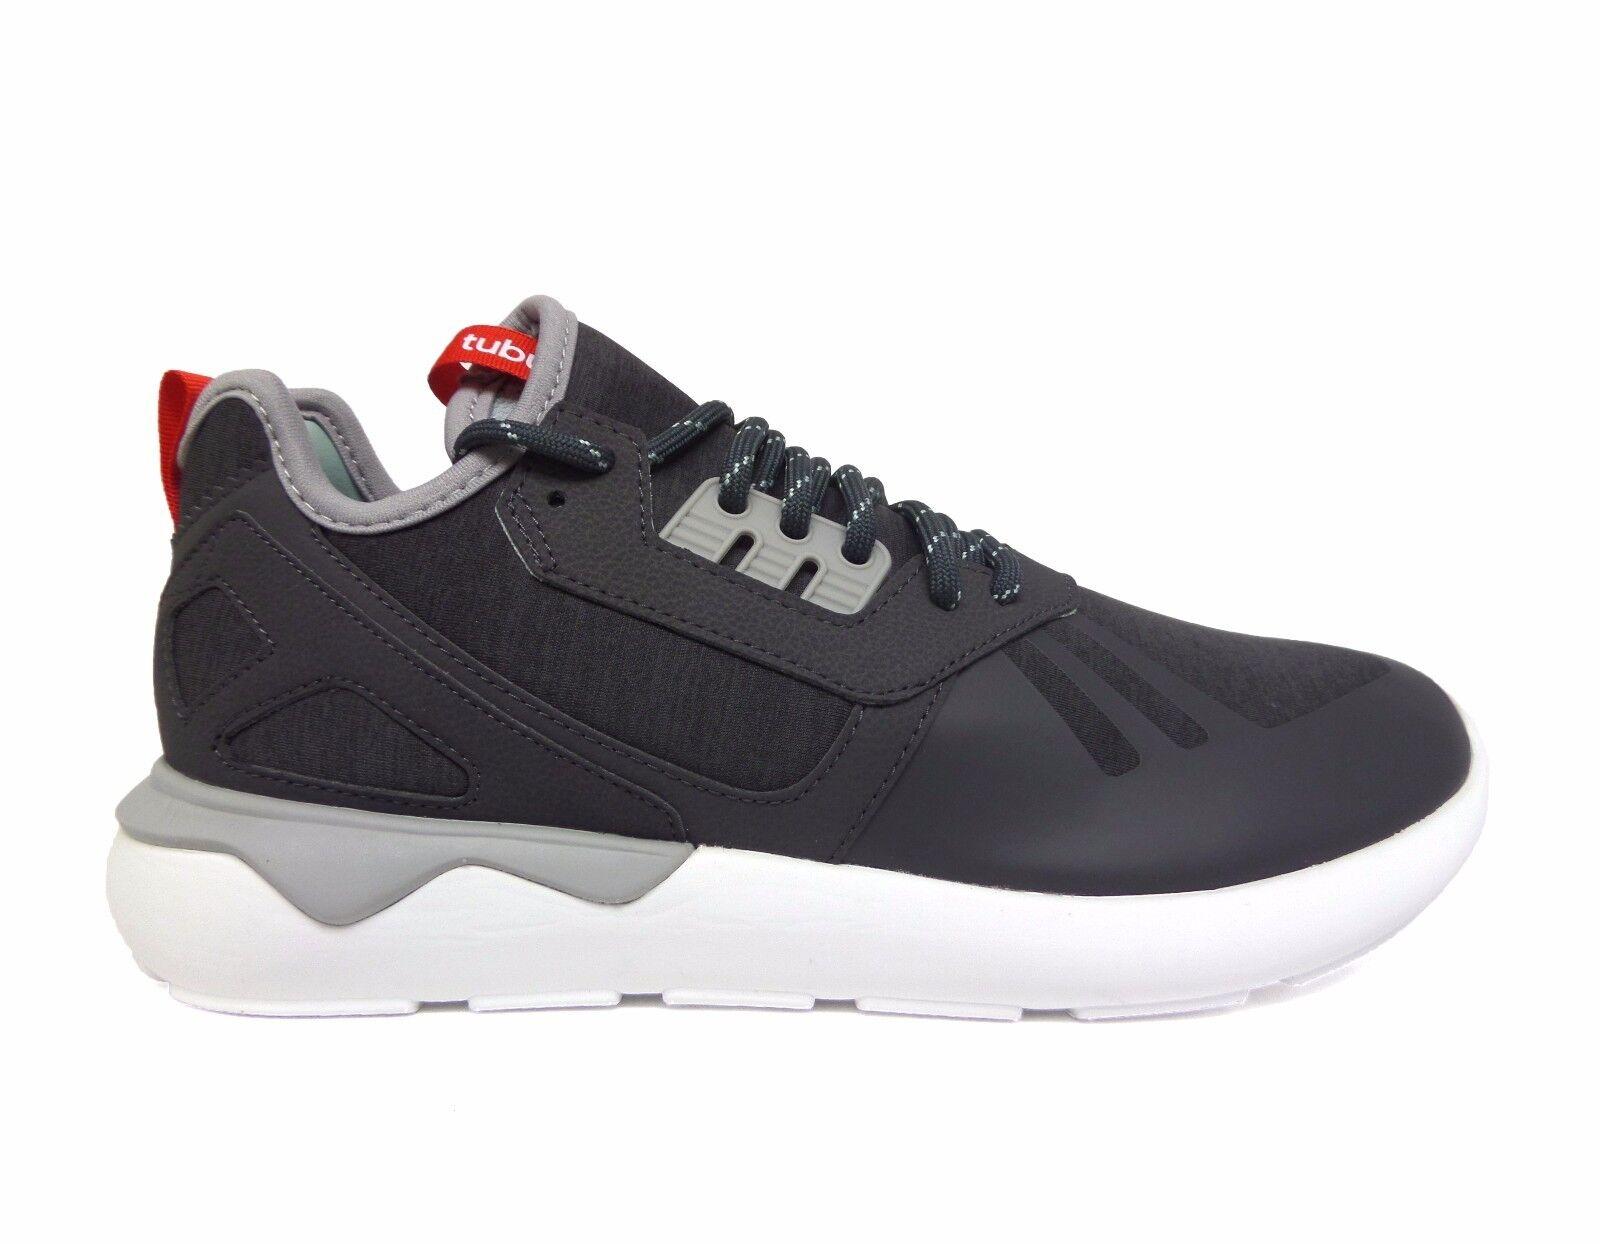 Adidas originali uomini scarpe corridore tessere scarpe uomini solido grigio scuro per s82652 a1 1a3256